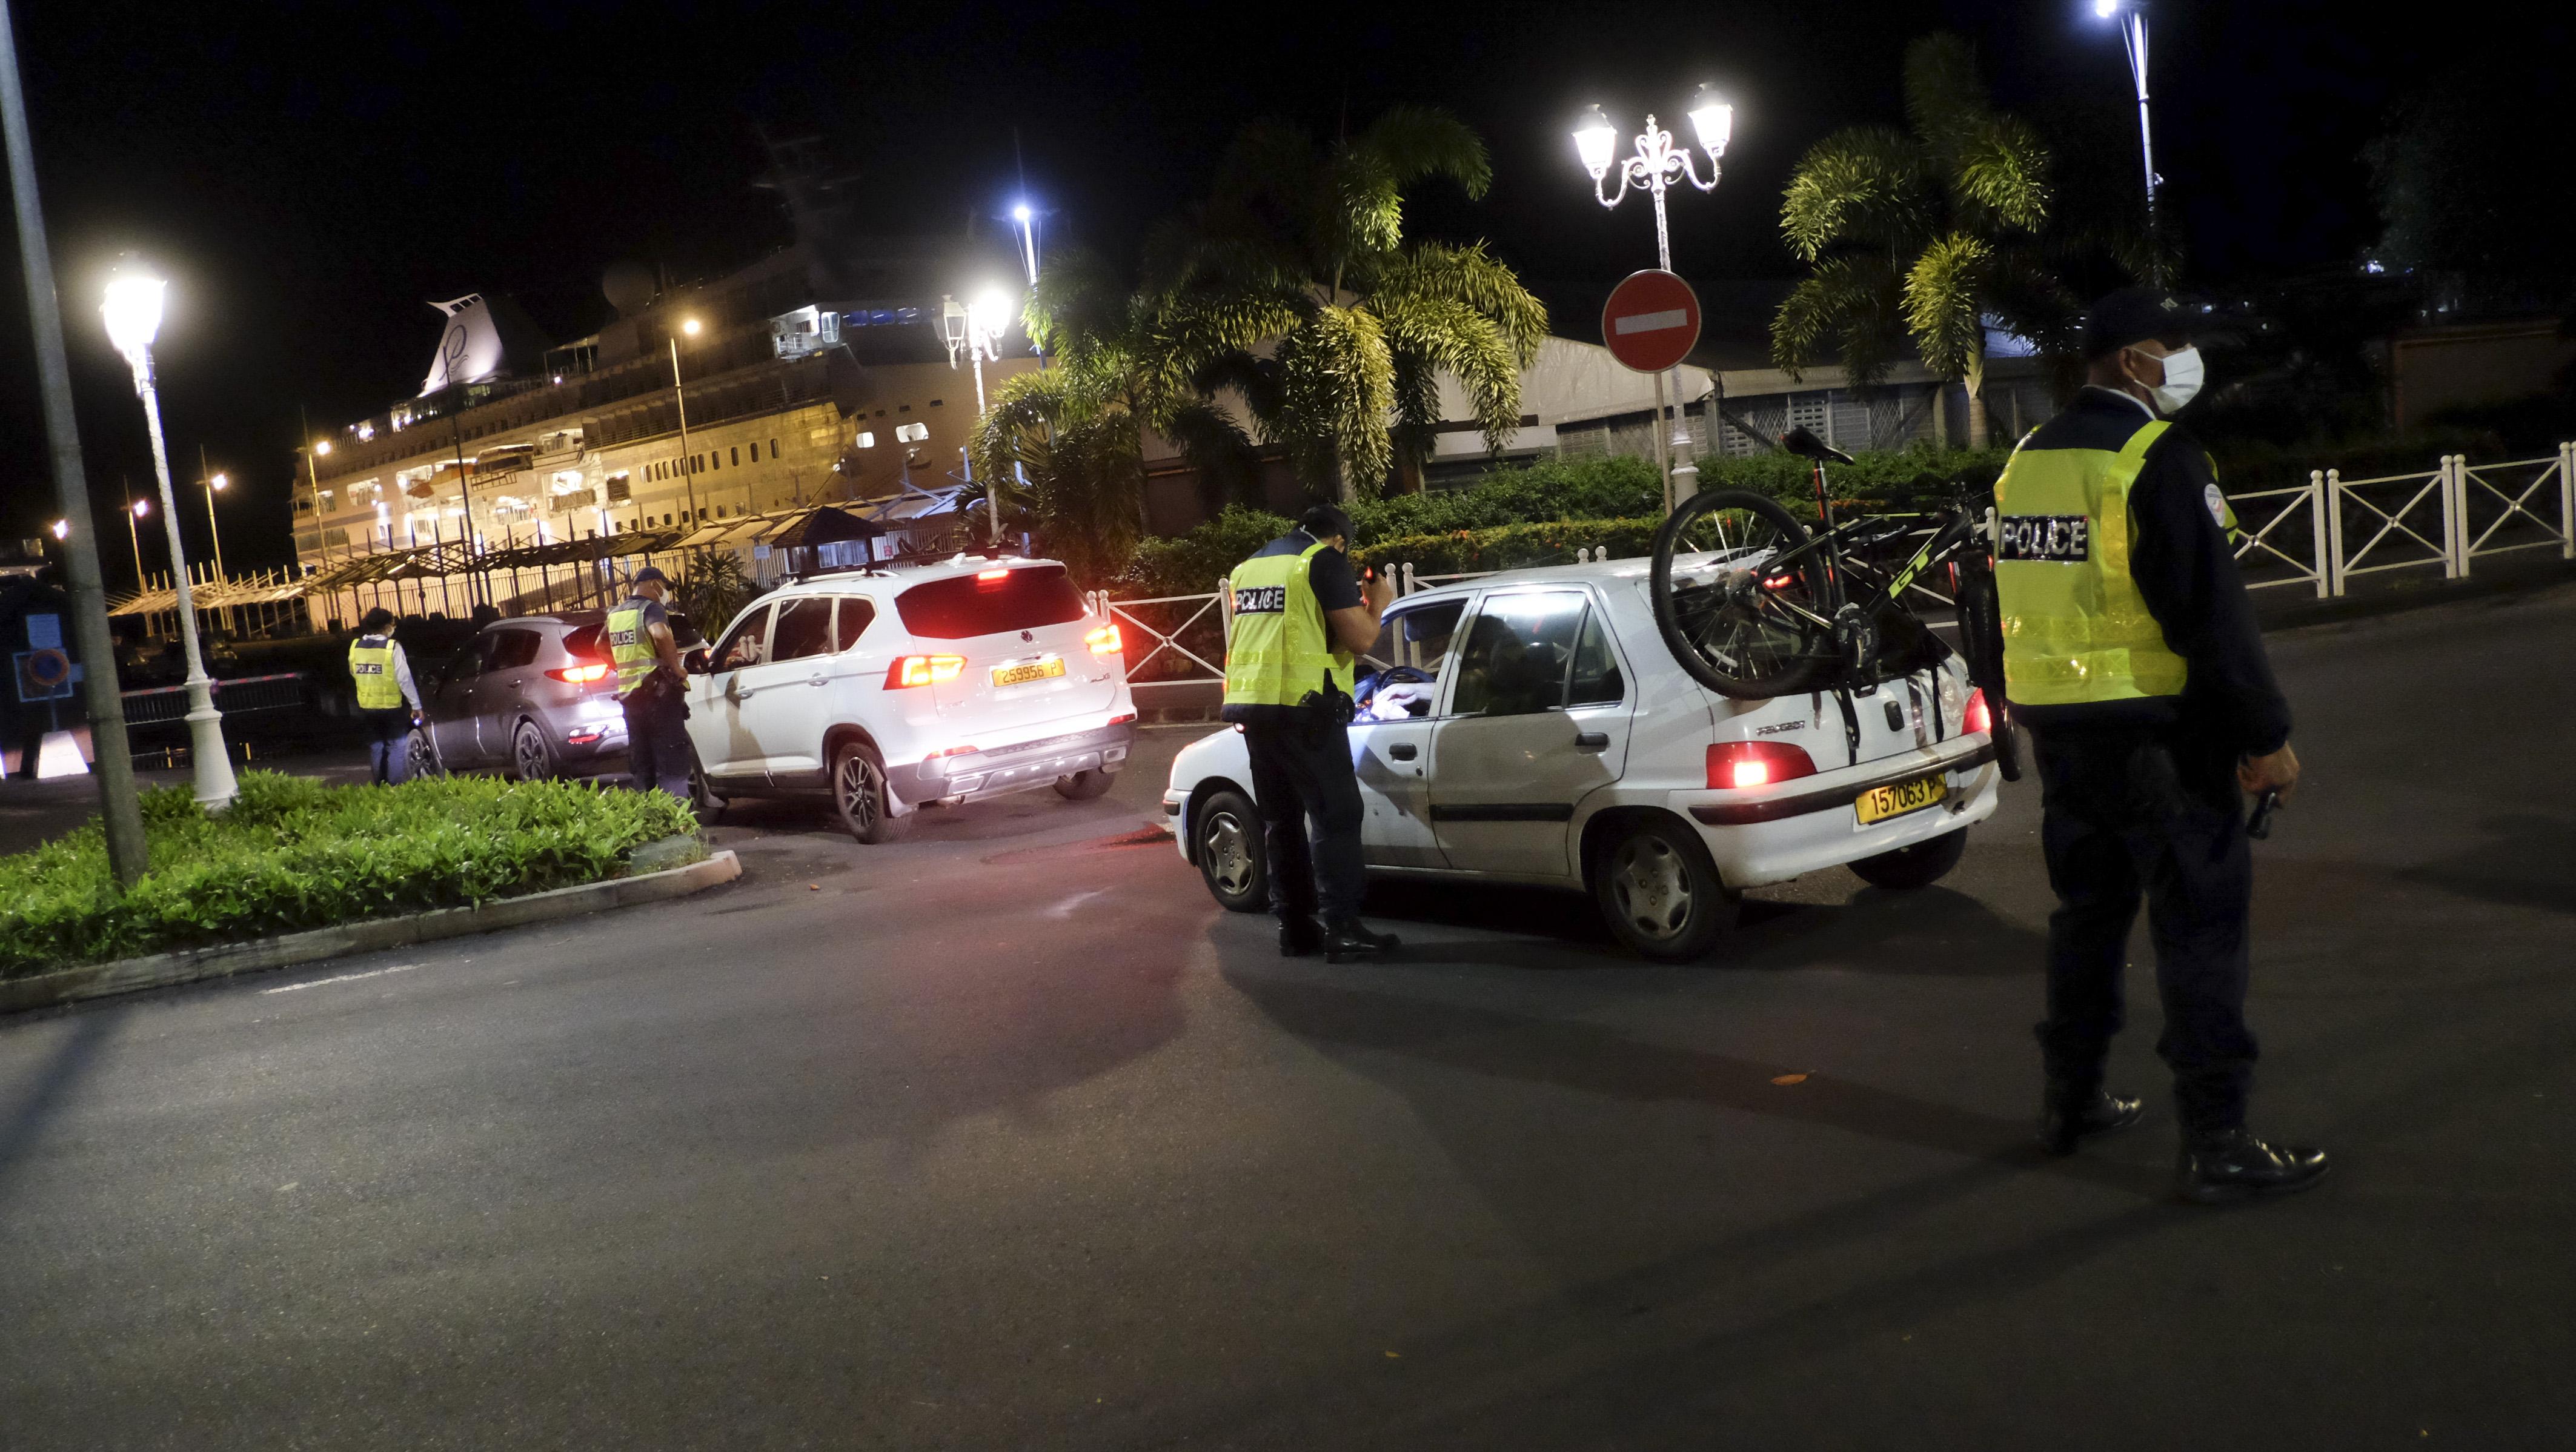 Week-end de Toussaint agité malgré le couvre-feu